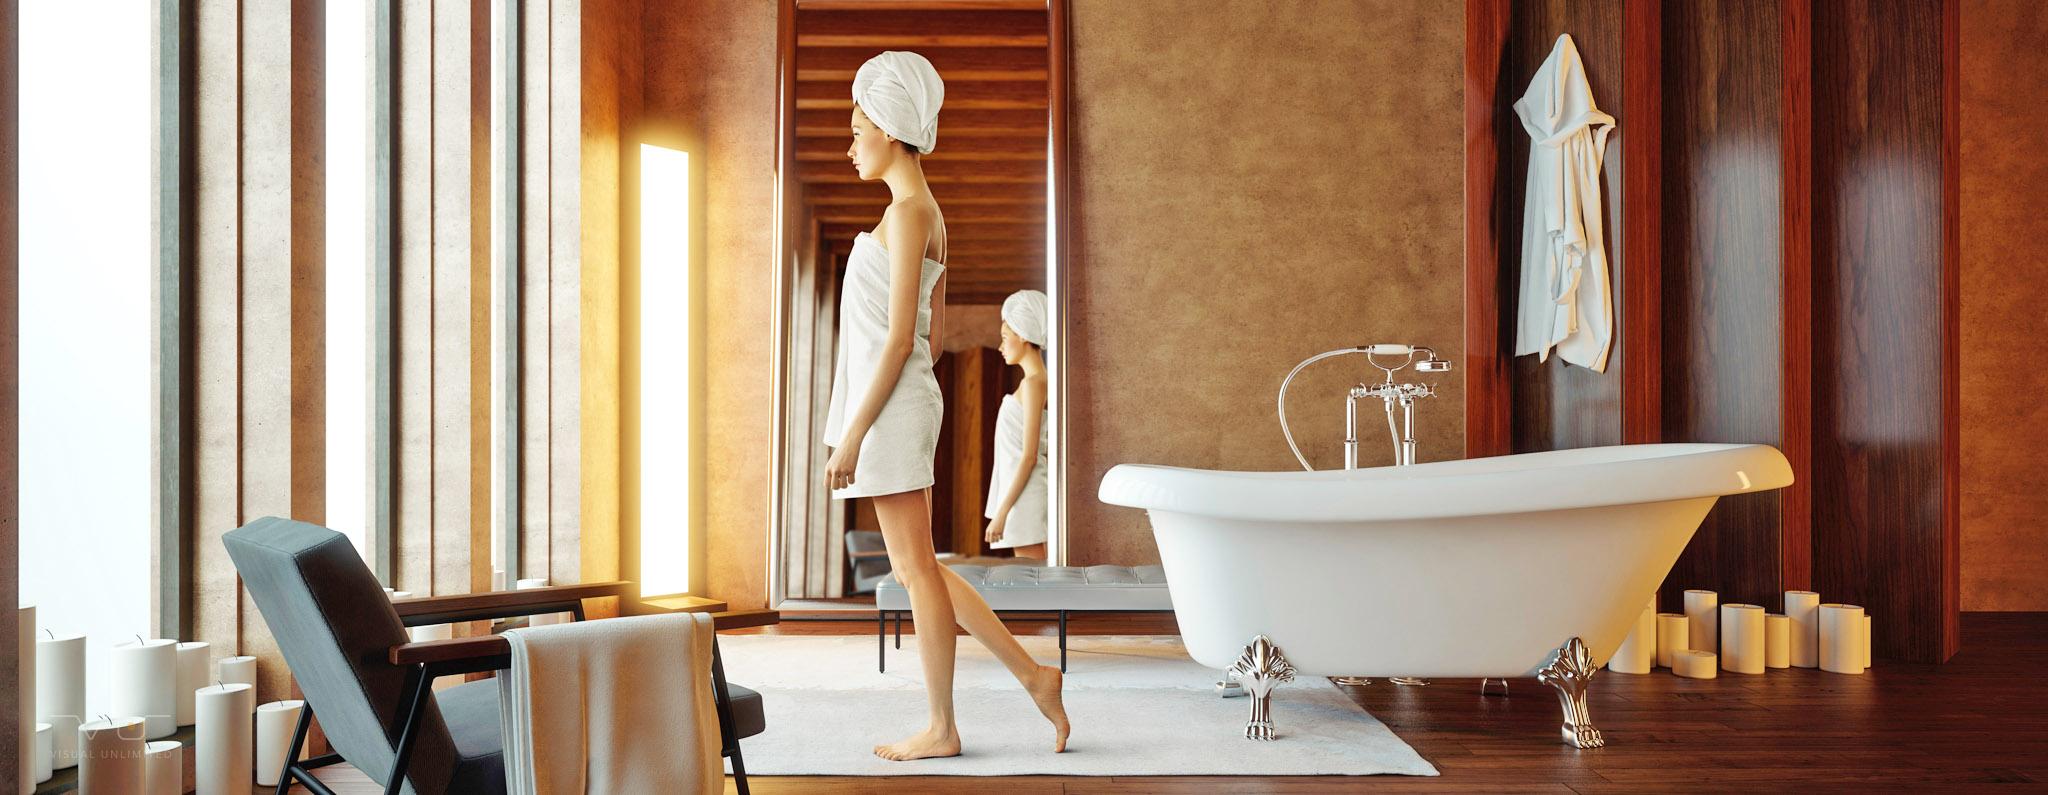 Bilder VU Header Photography 10 Badewanne - Bathtub